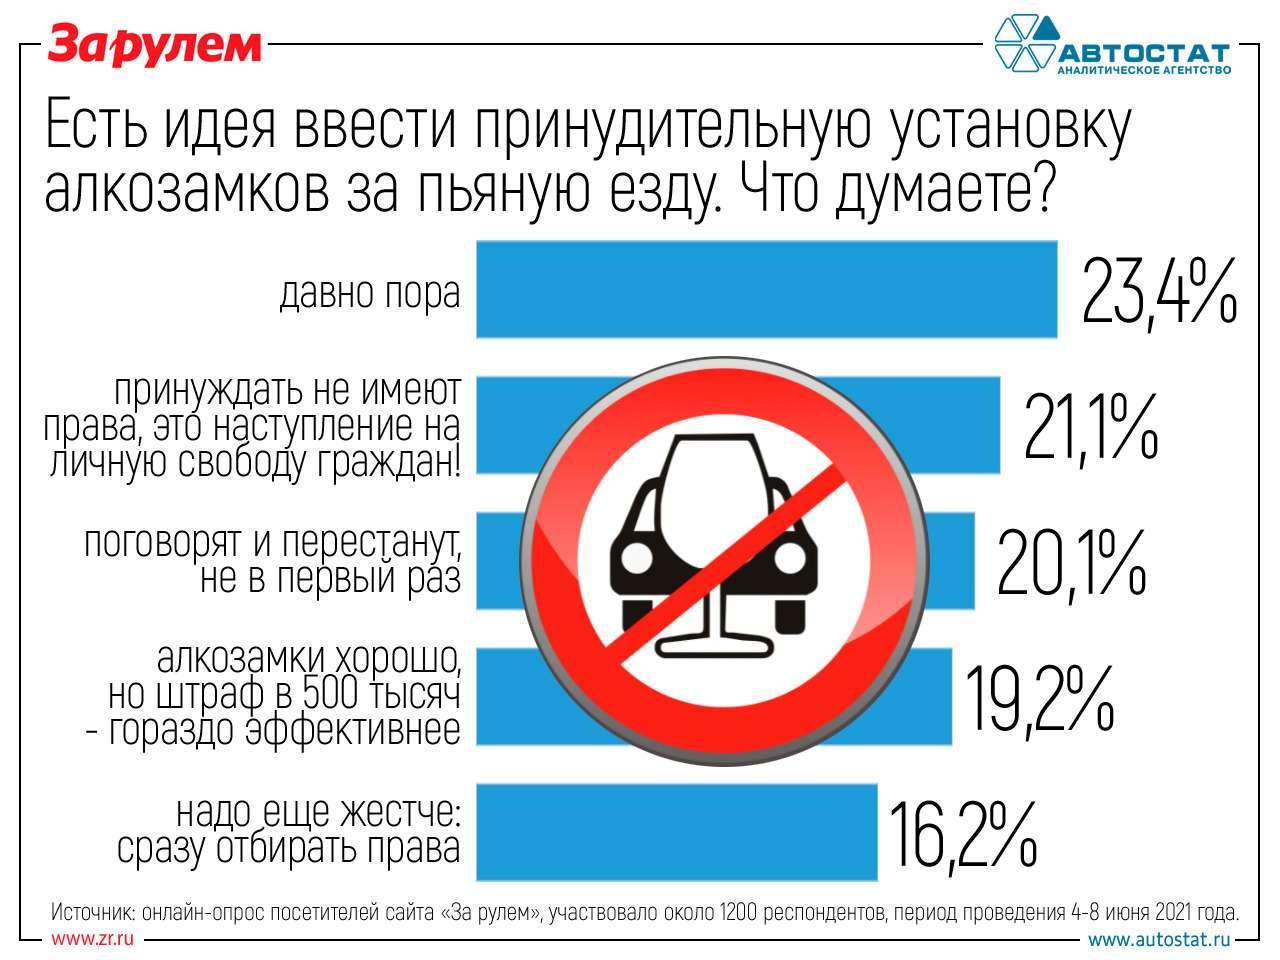 23%поддержали установку алкозамков запьяную езду. Наш опрос— фото 1252904